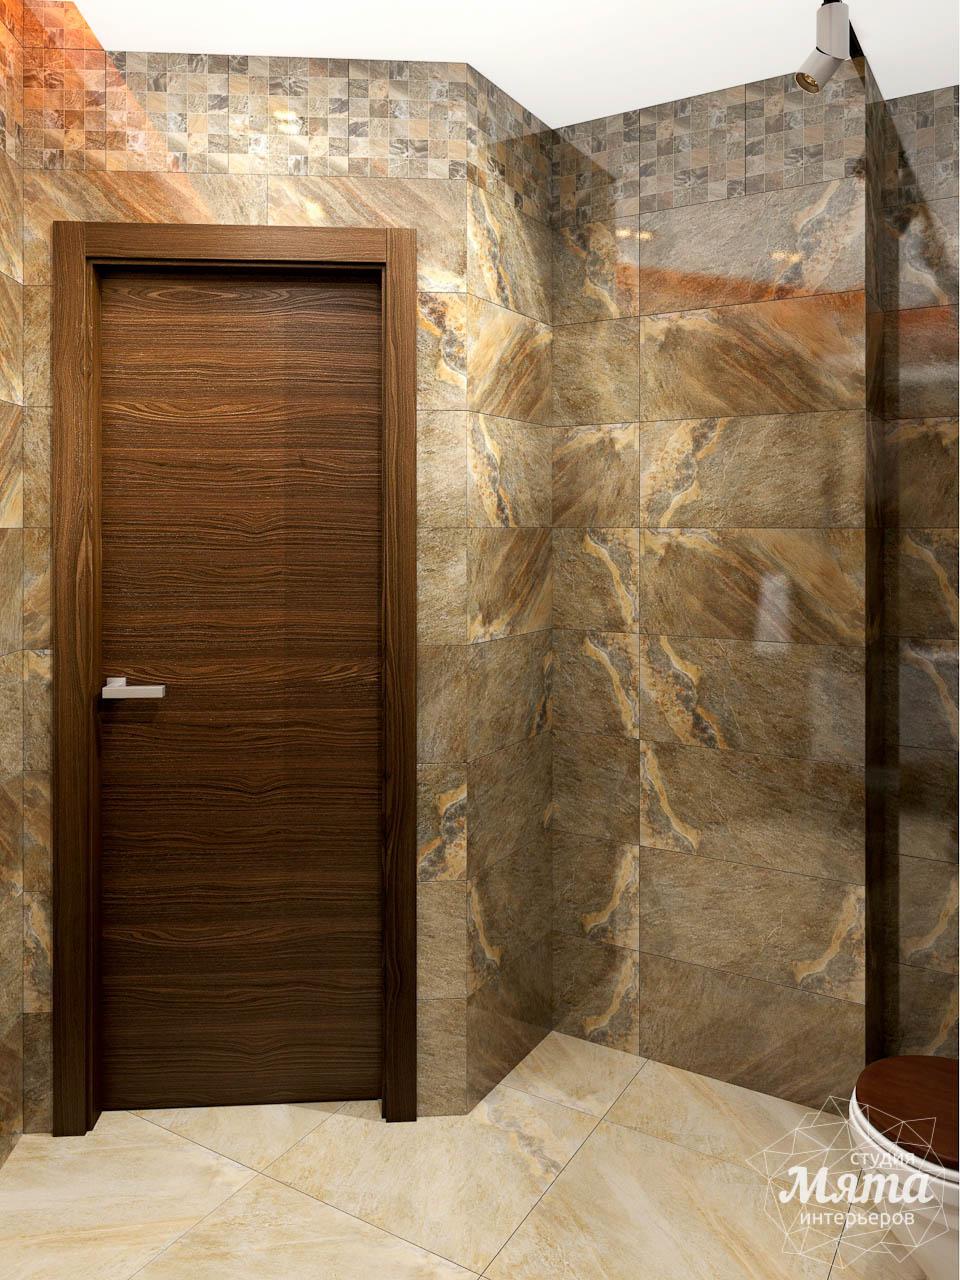 Дизайн интерьера коттеджа в п. Дубрава img1022104216